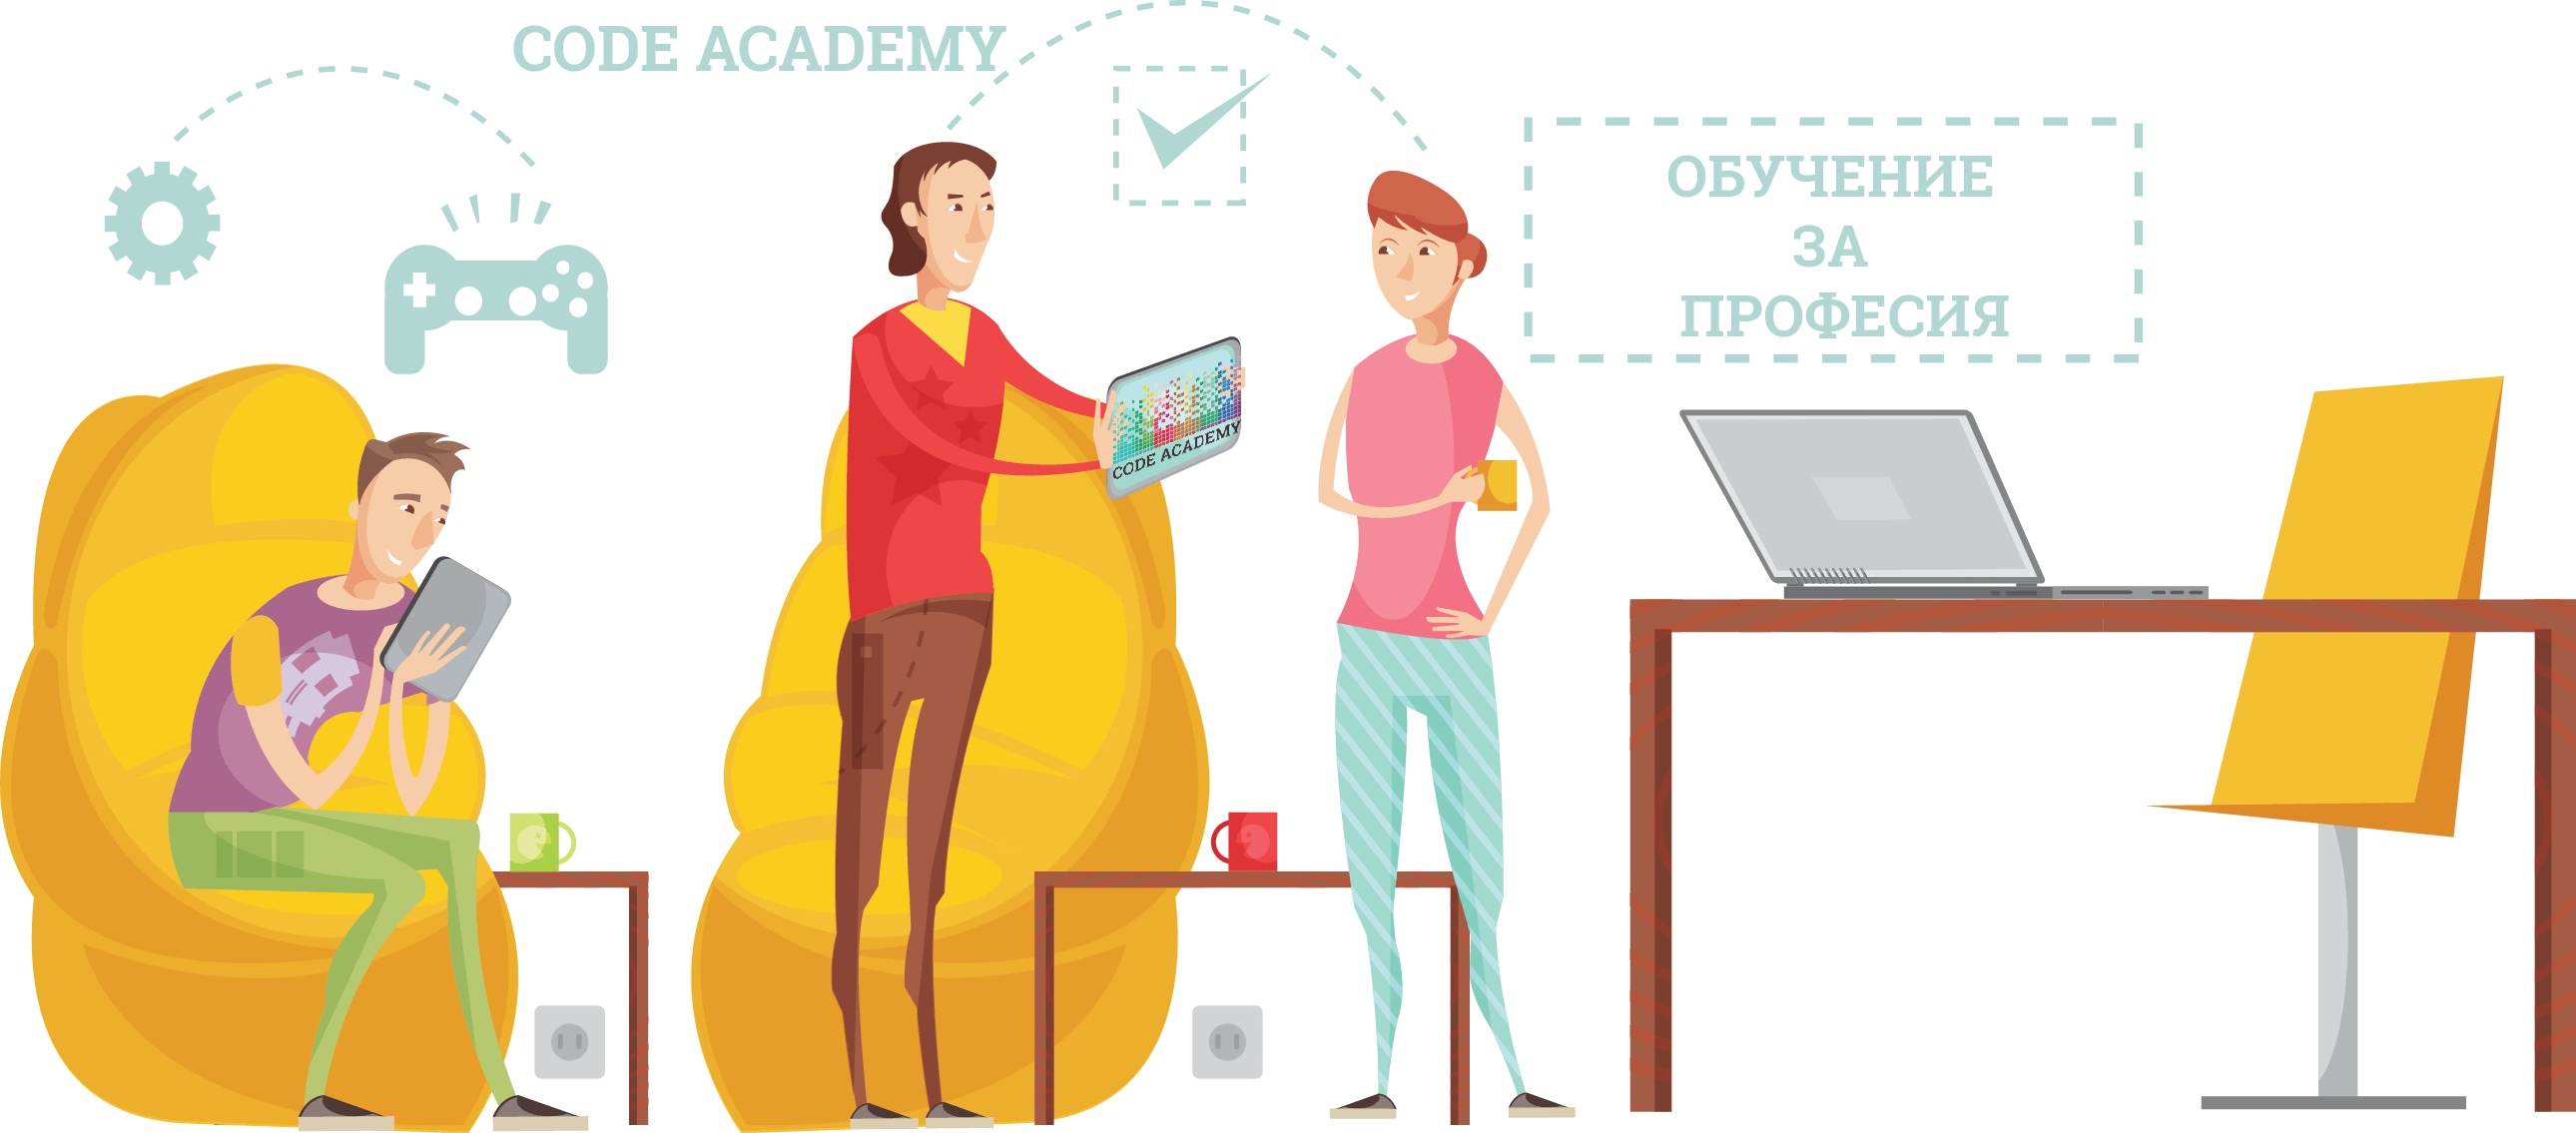 Code Academy набира кандидати за безплатно обучение